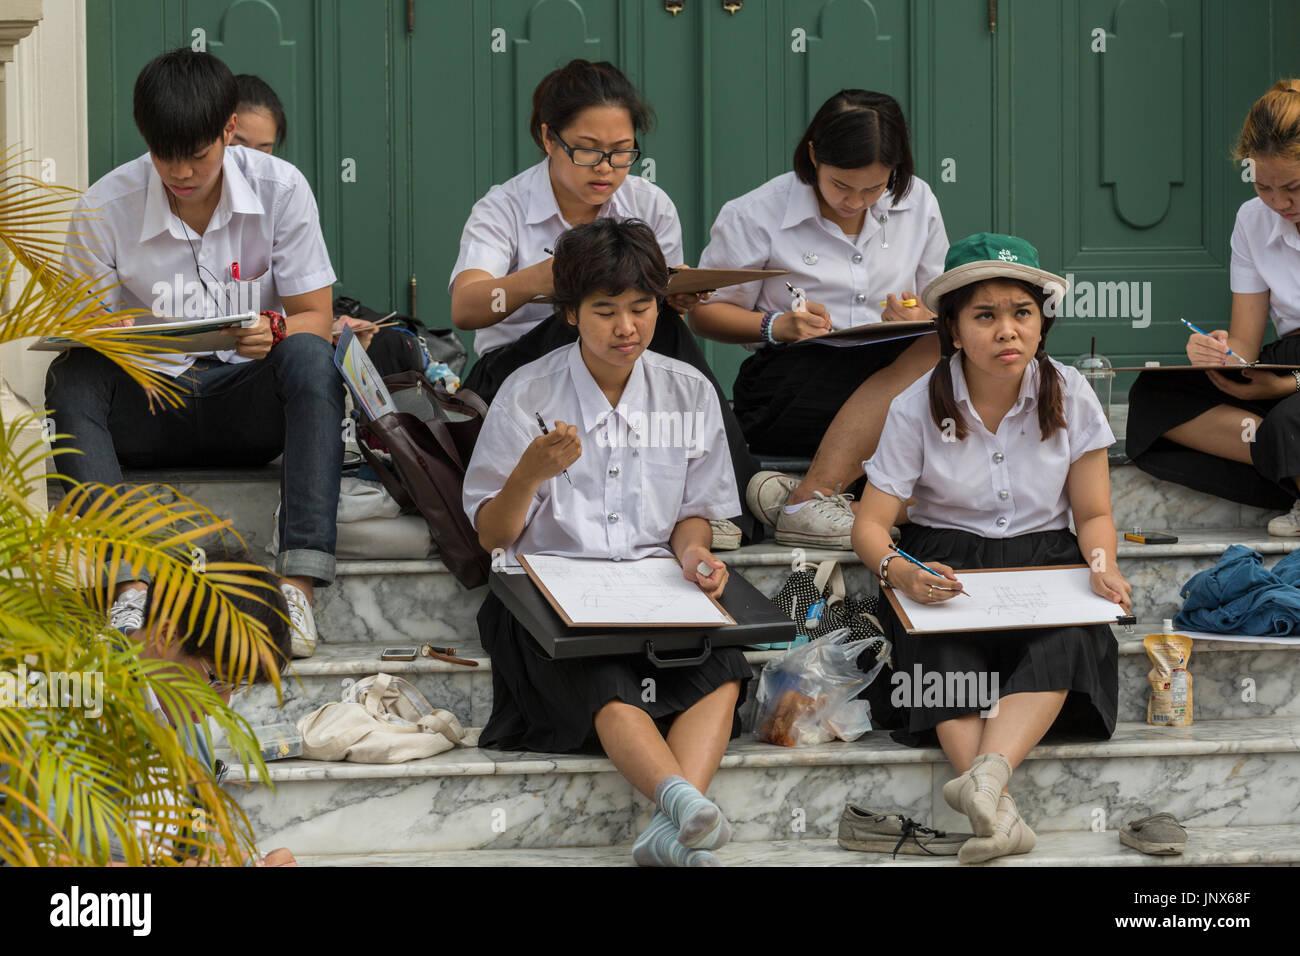 b8a719a0 Bangkok, Thailand - February 18, 2015: Art students drawing at the Grand  Palace